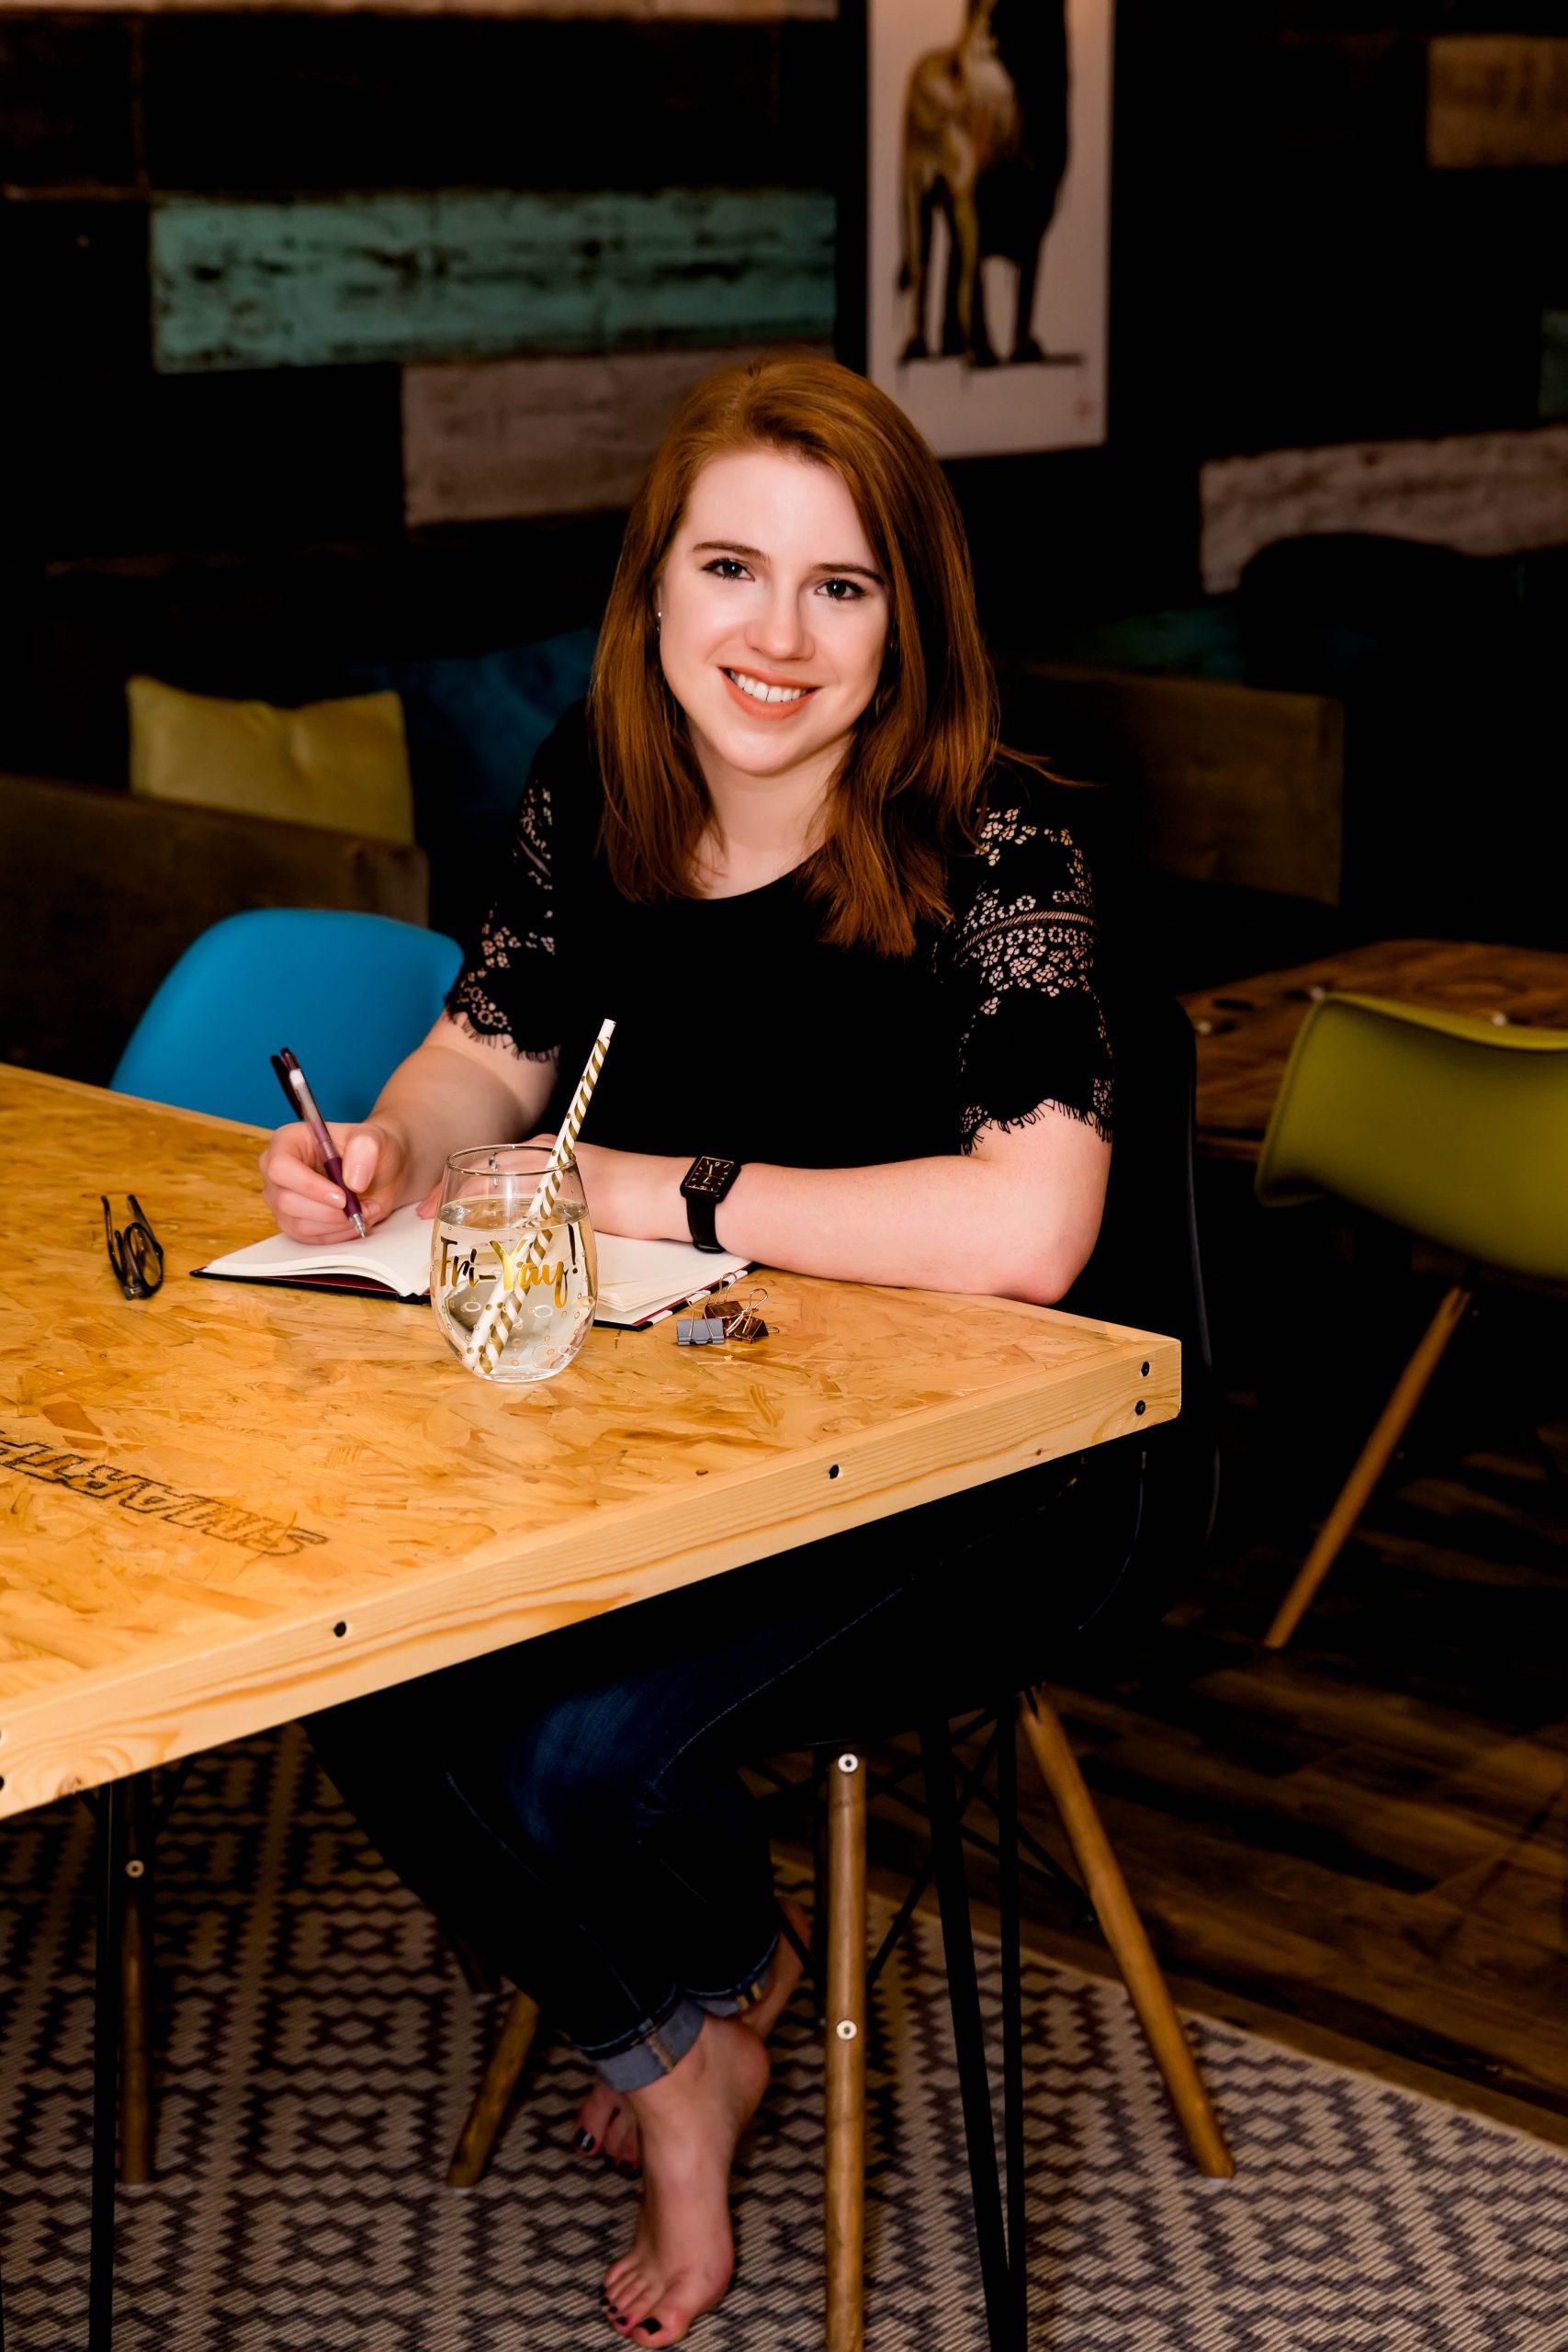 branding photograph female entrepreneur at desk